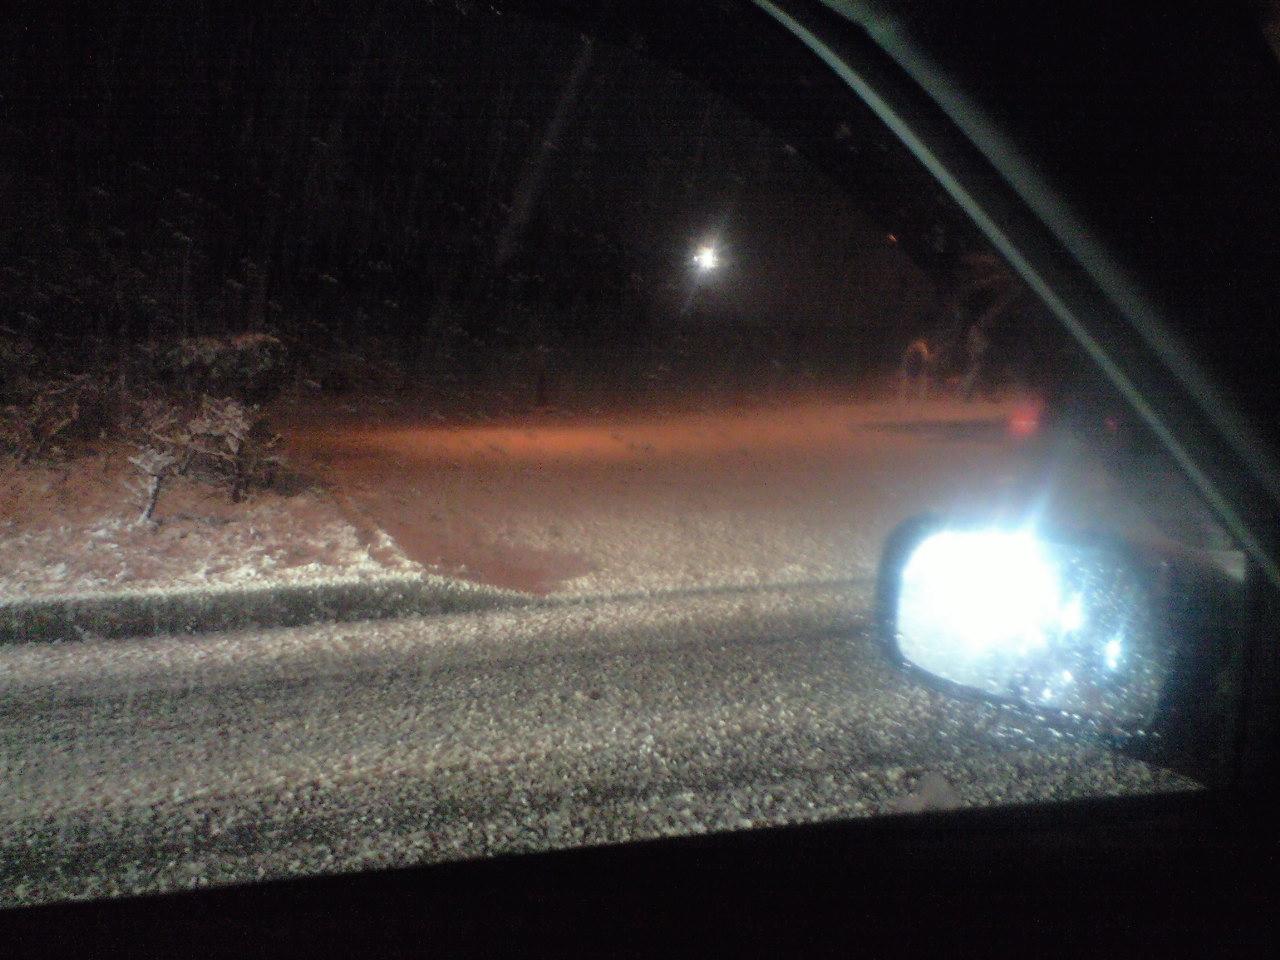 雪すごい…